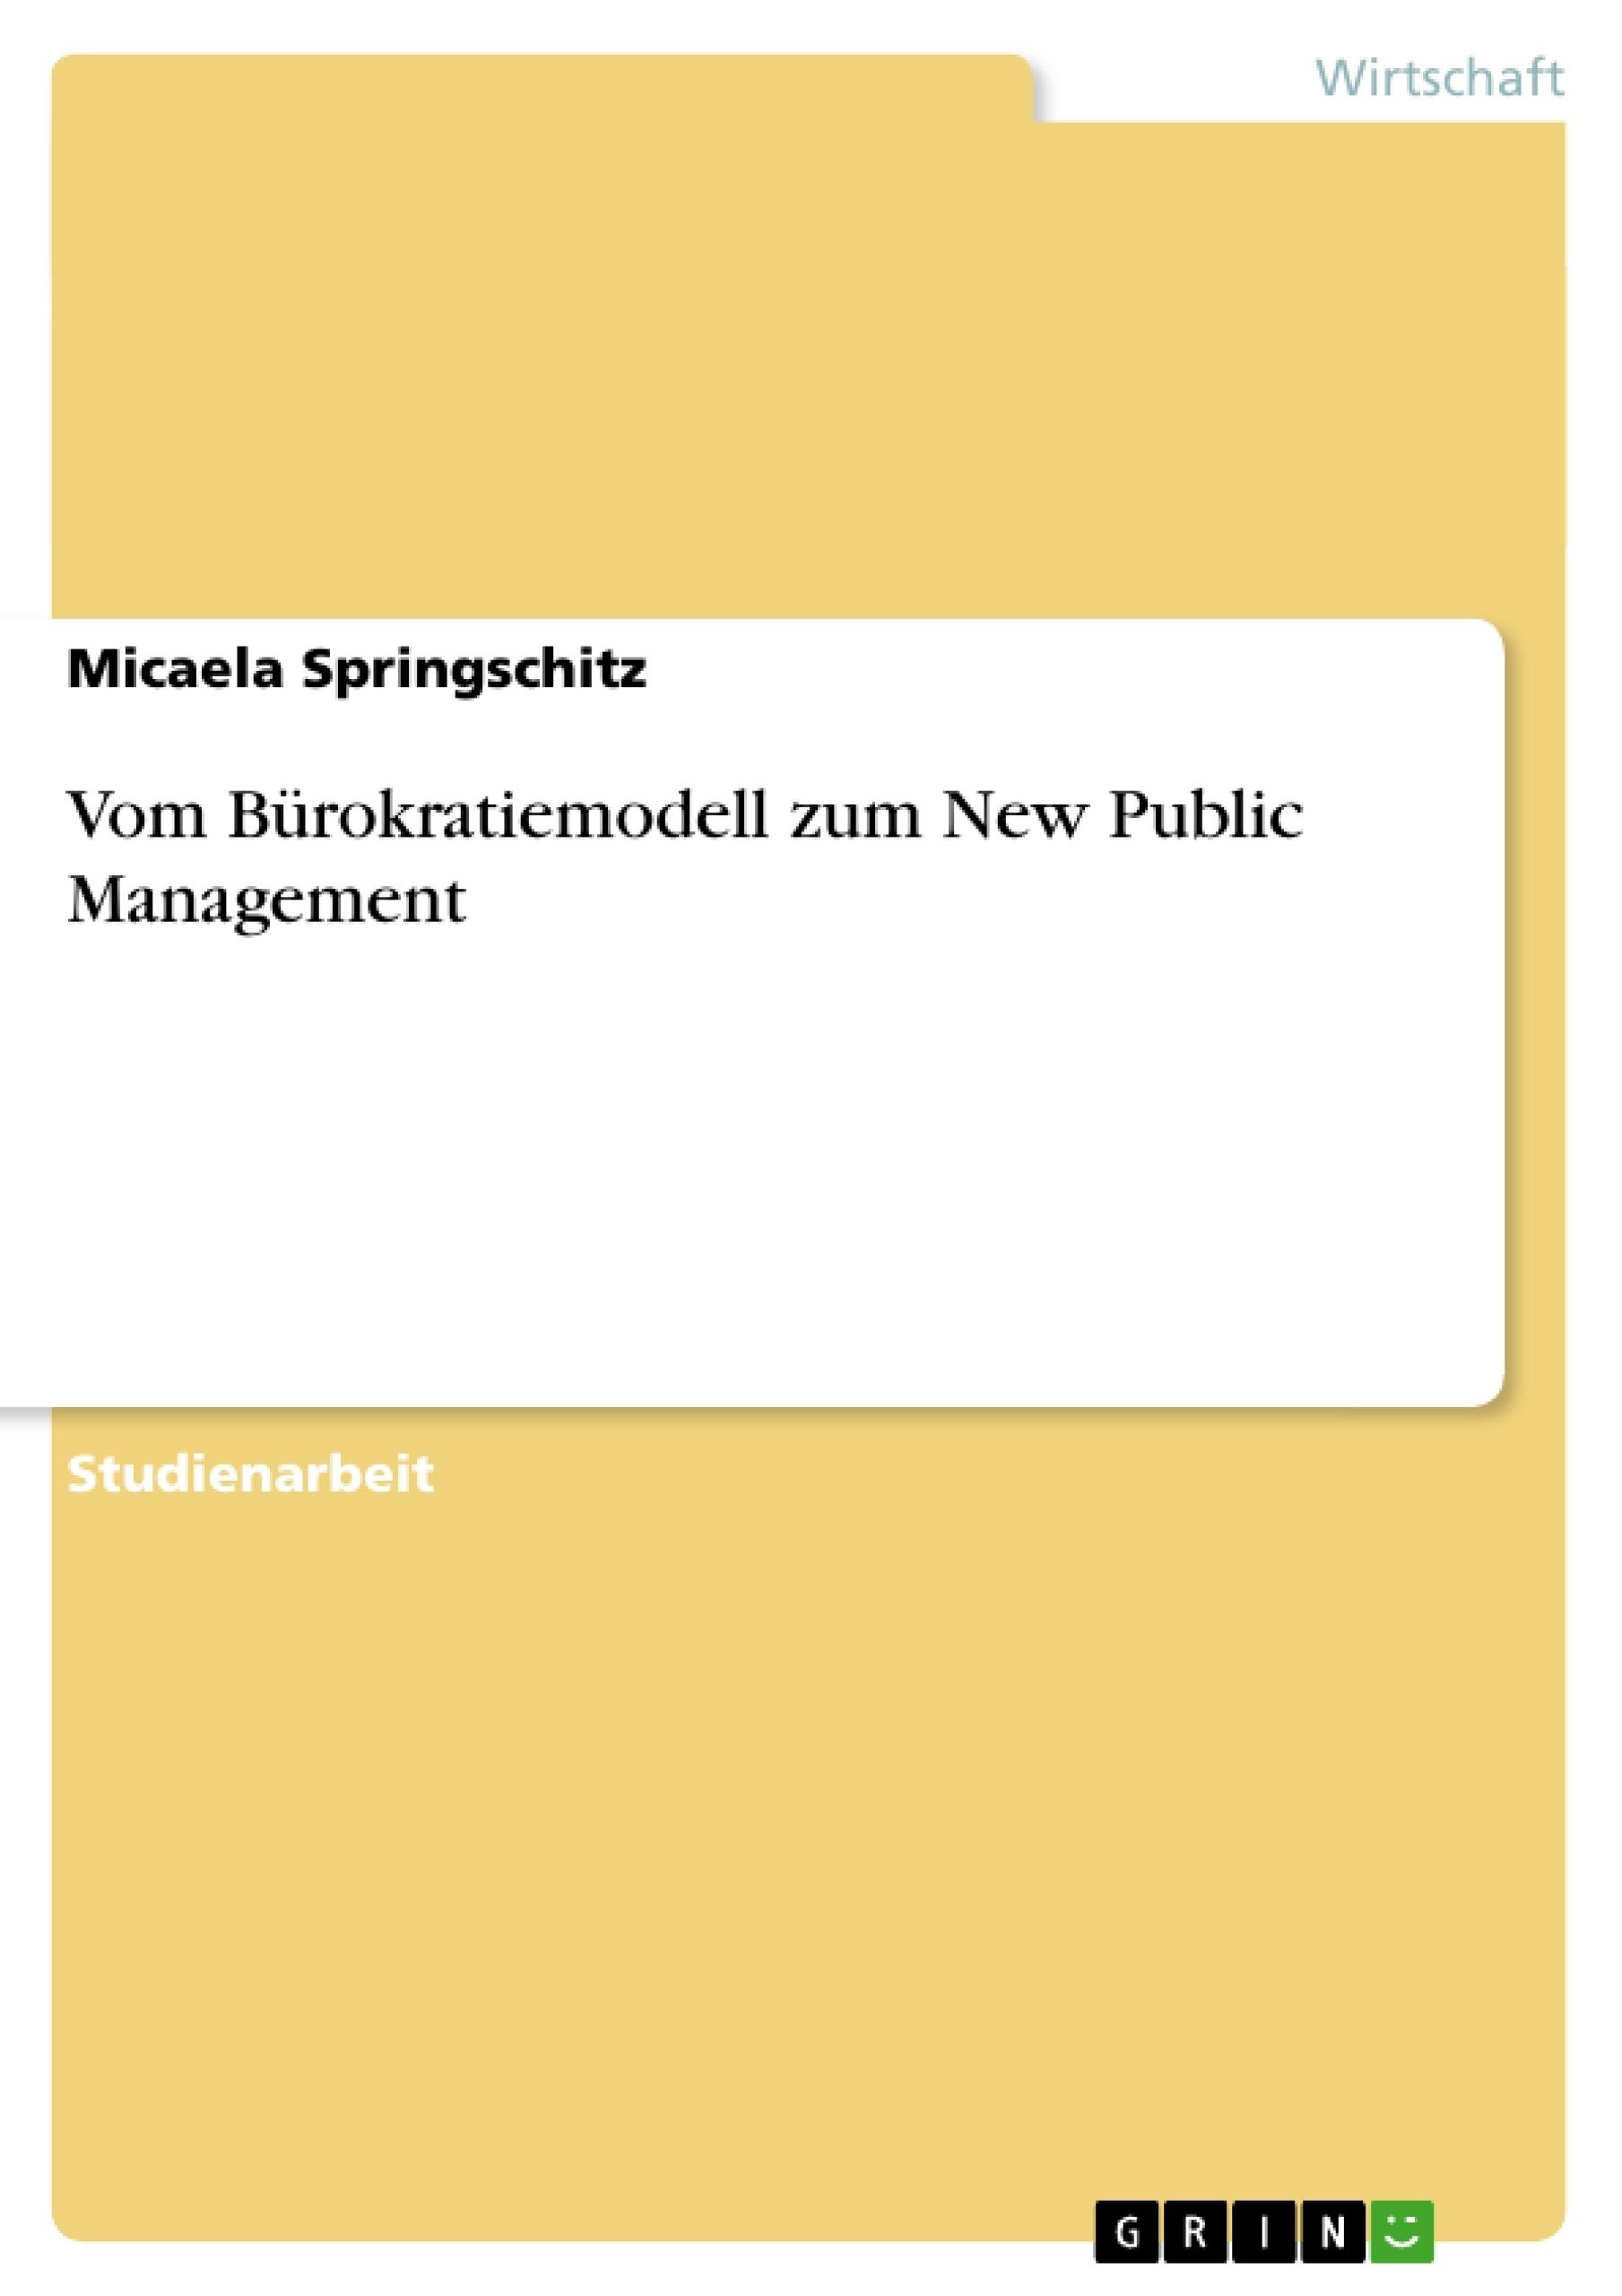 Titel: Vom Bürokratiemodell zum New Public Management